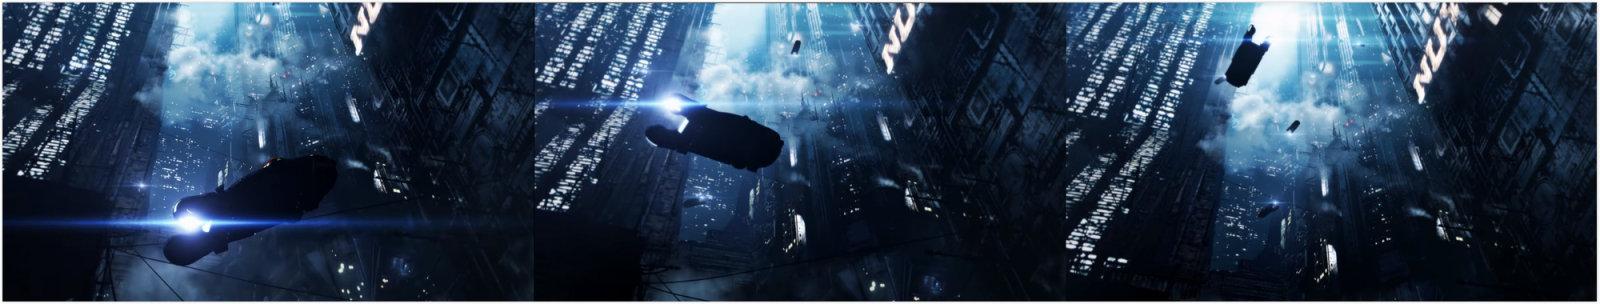 【更新中文版】渡边信一郎执导《银翼杀手2049》前导动画短片放出